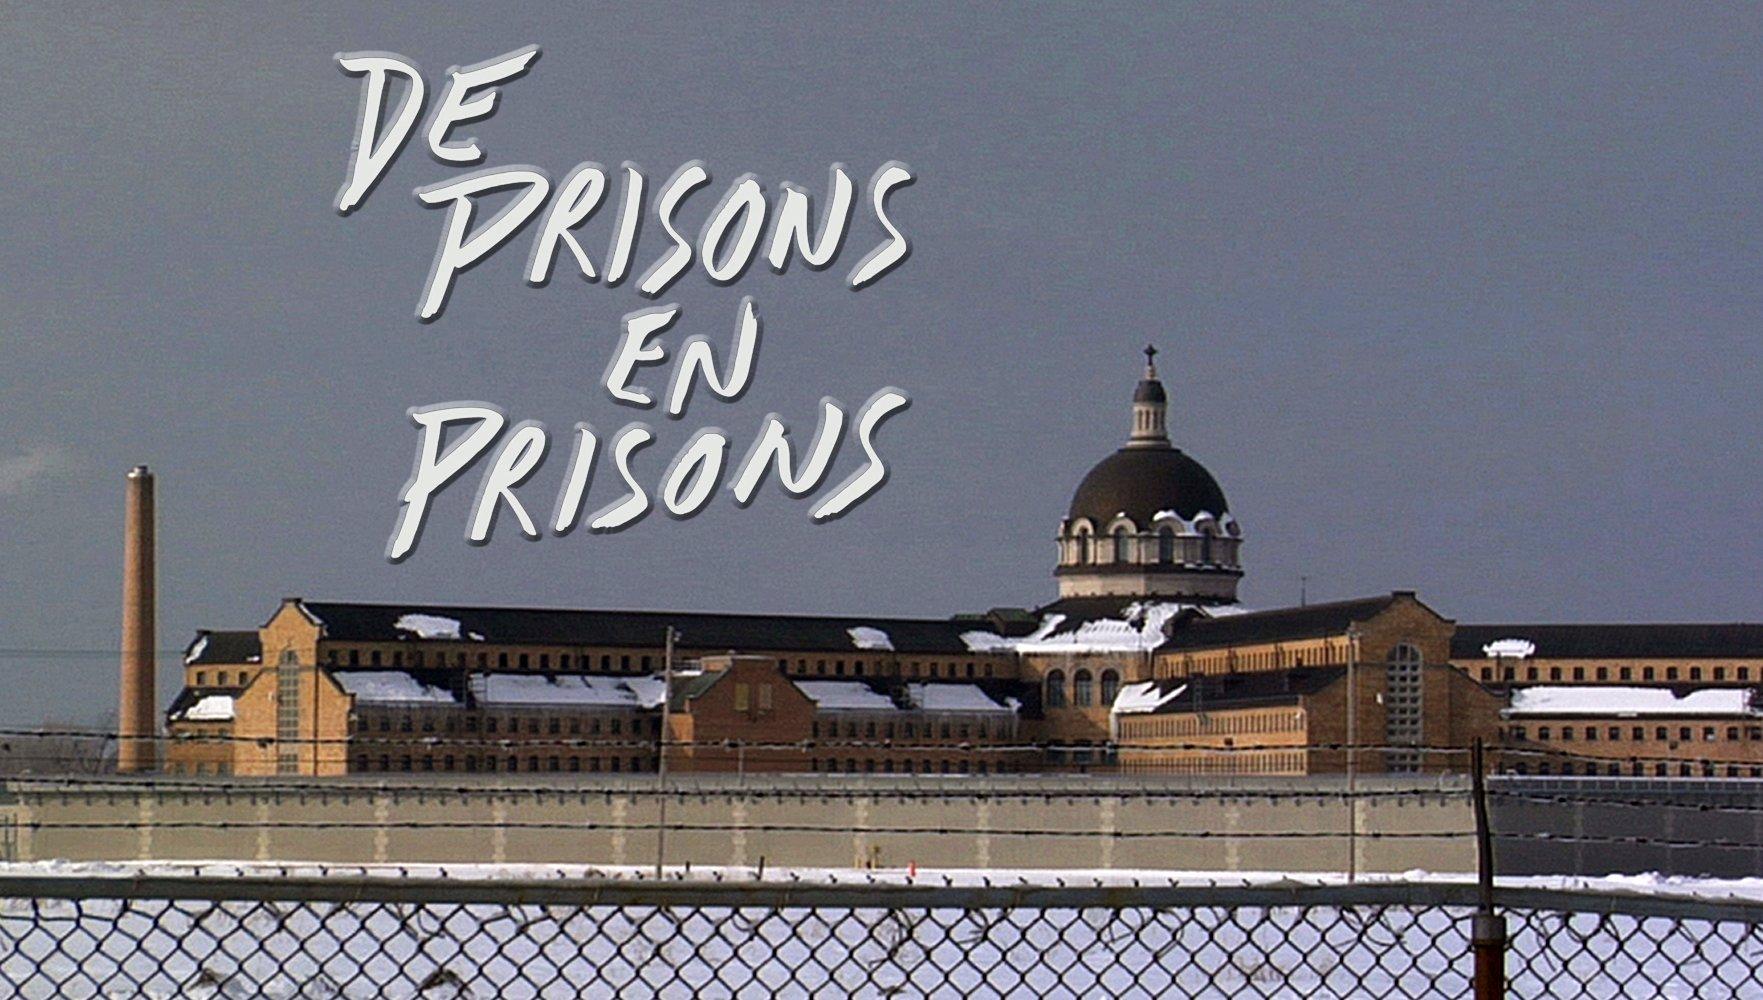 De prisons en prisons - Critique du documentaire de Steve Patry